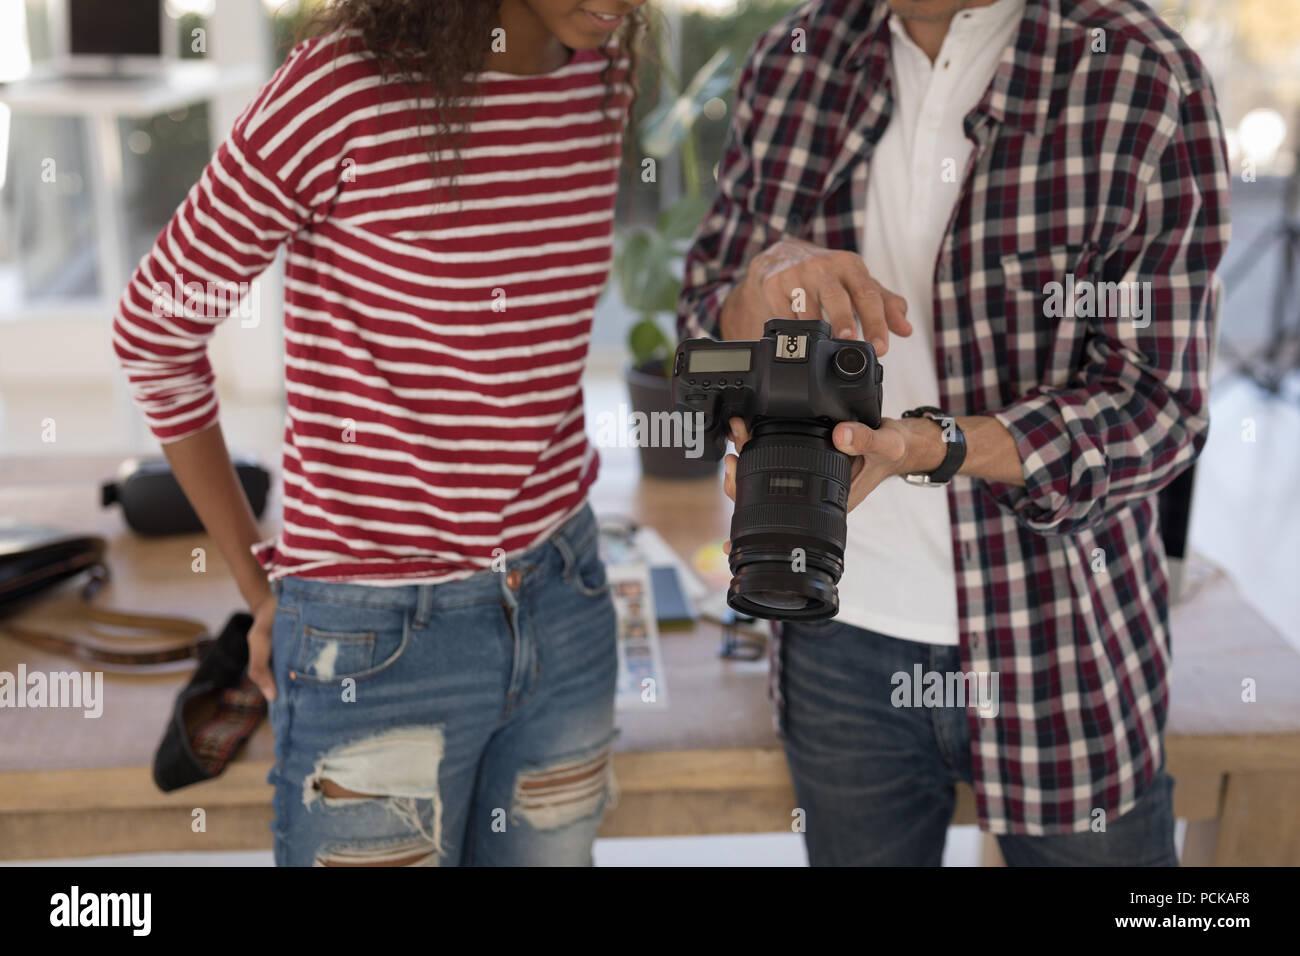 Photographe de mode pour des photos montrant le modèle de caméra numérique en studio Photo Stock